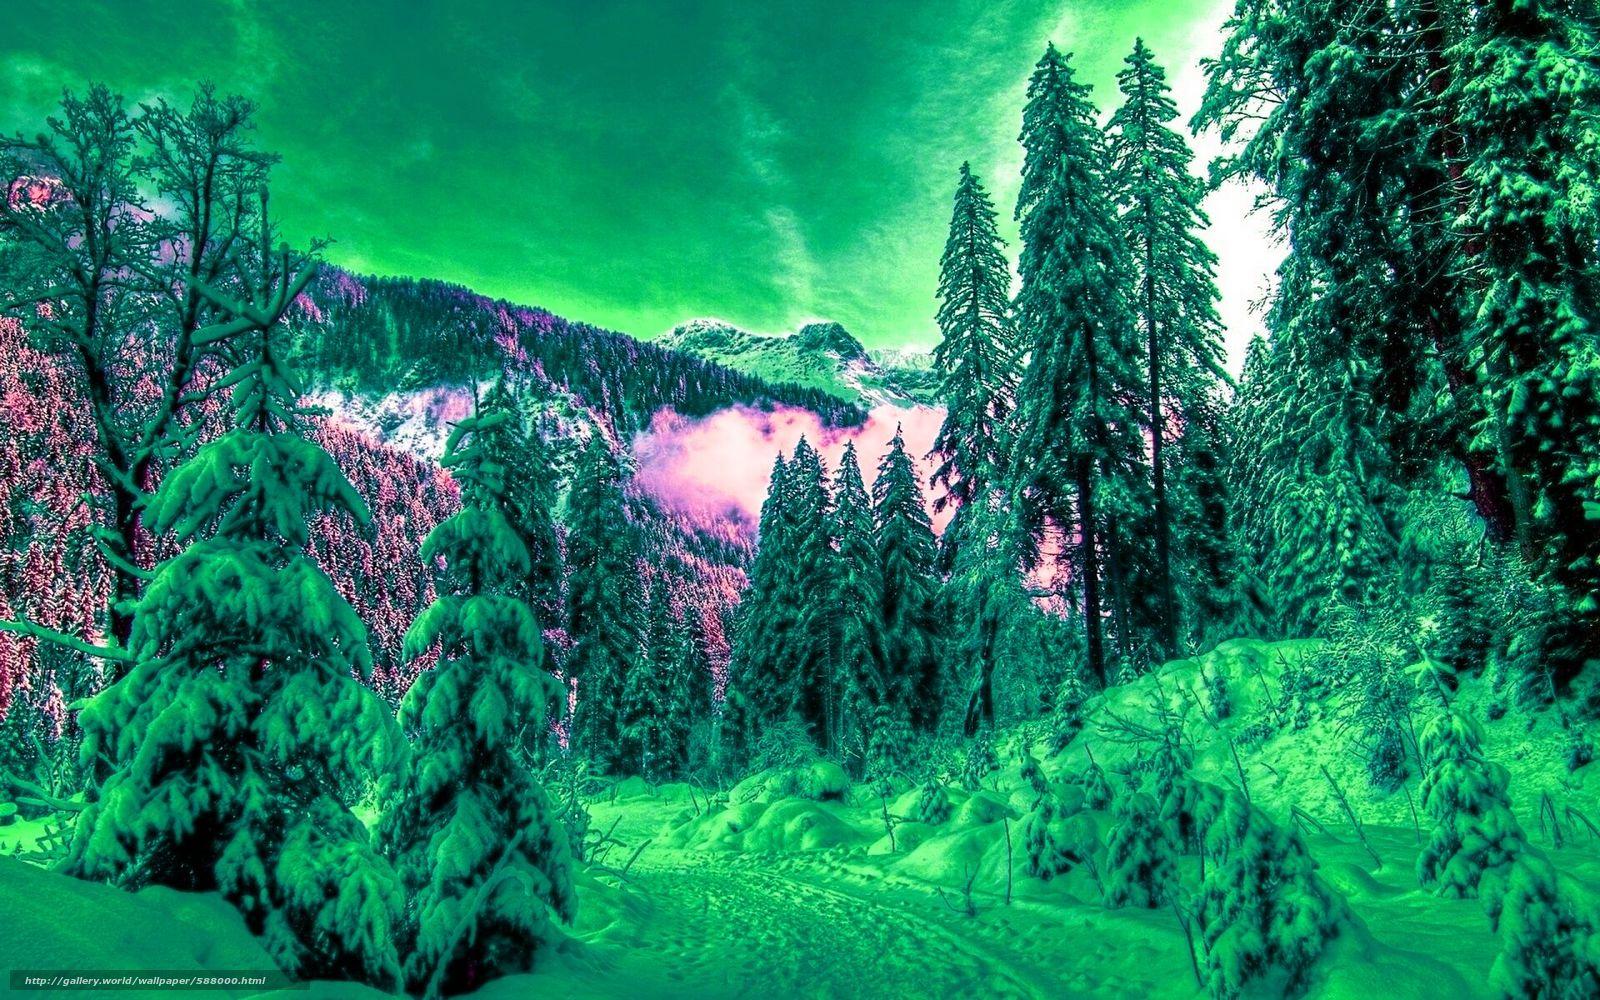 Скачать обои зима,  лес,  снег,  ели бесплатно для рабочего стола в разрешении 1920x1200 — картинка №588000